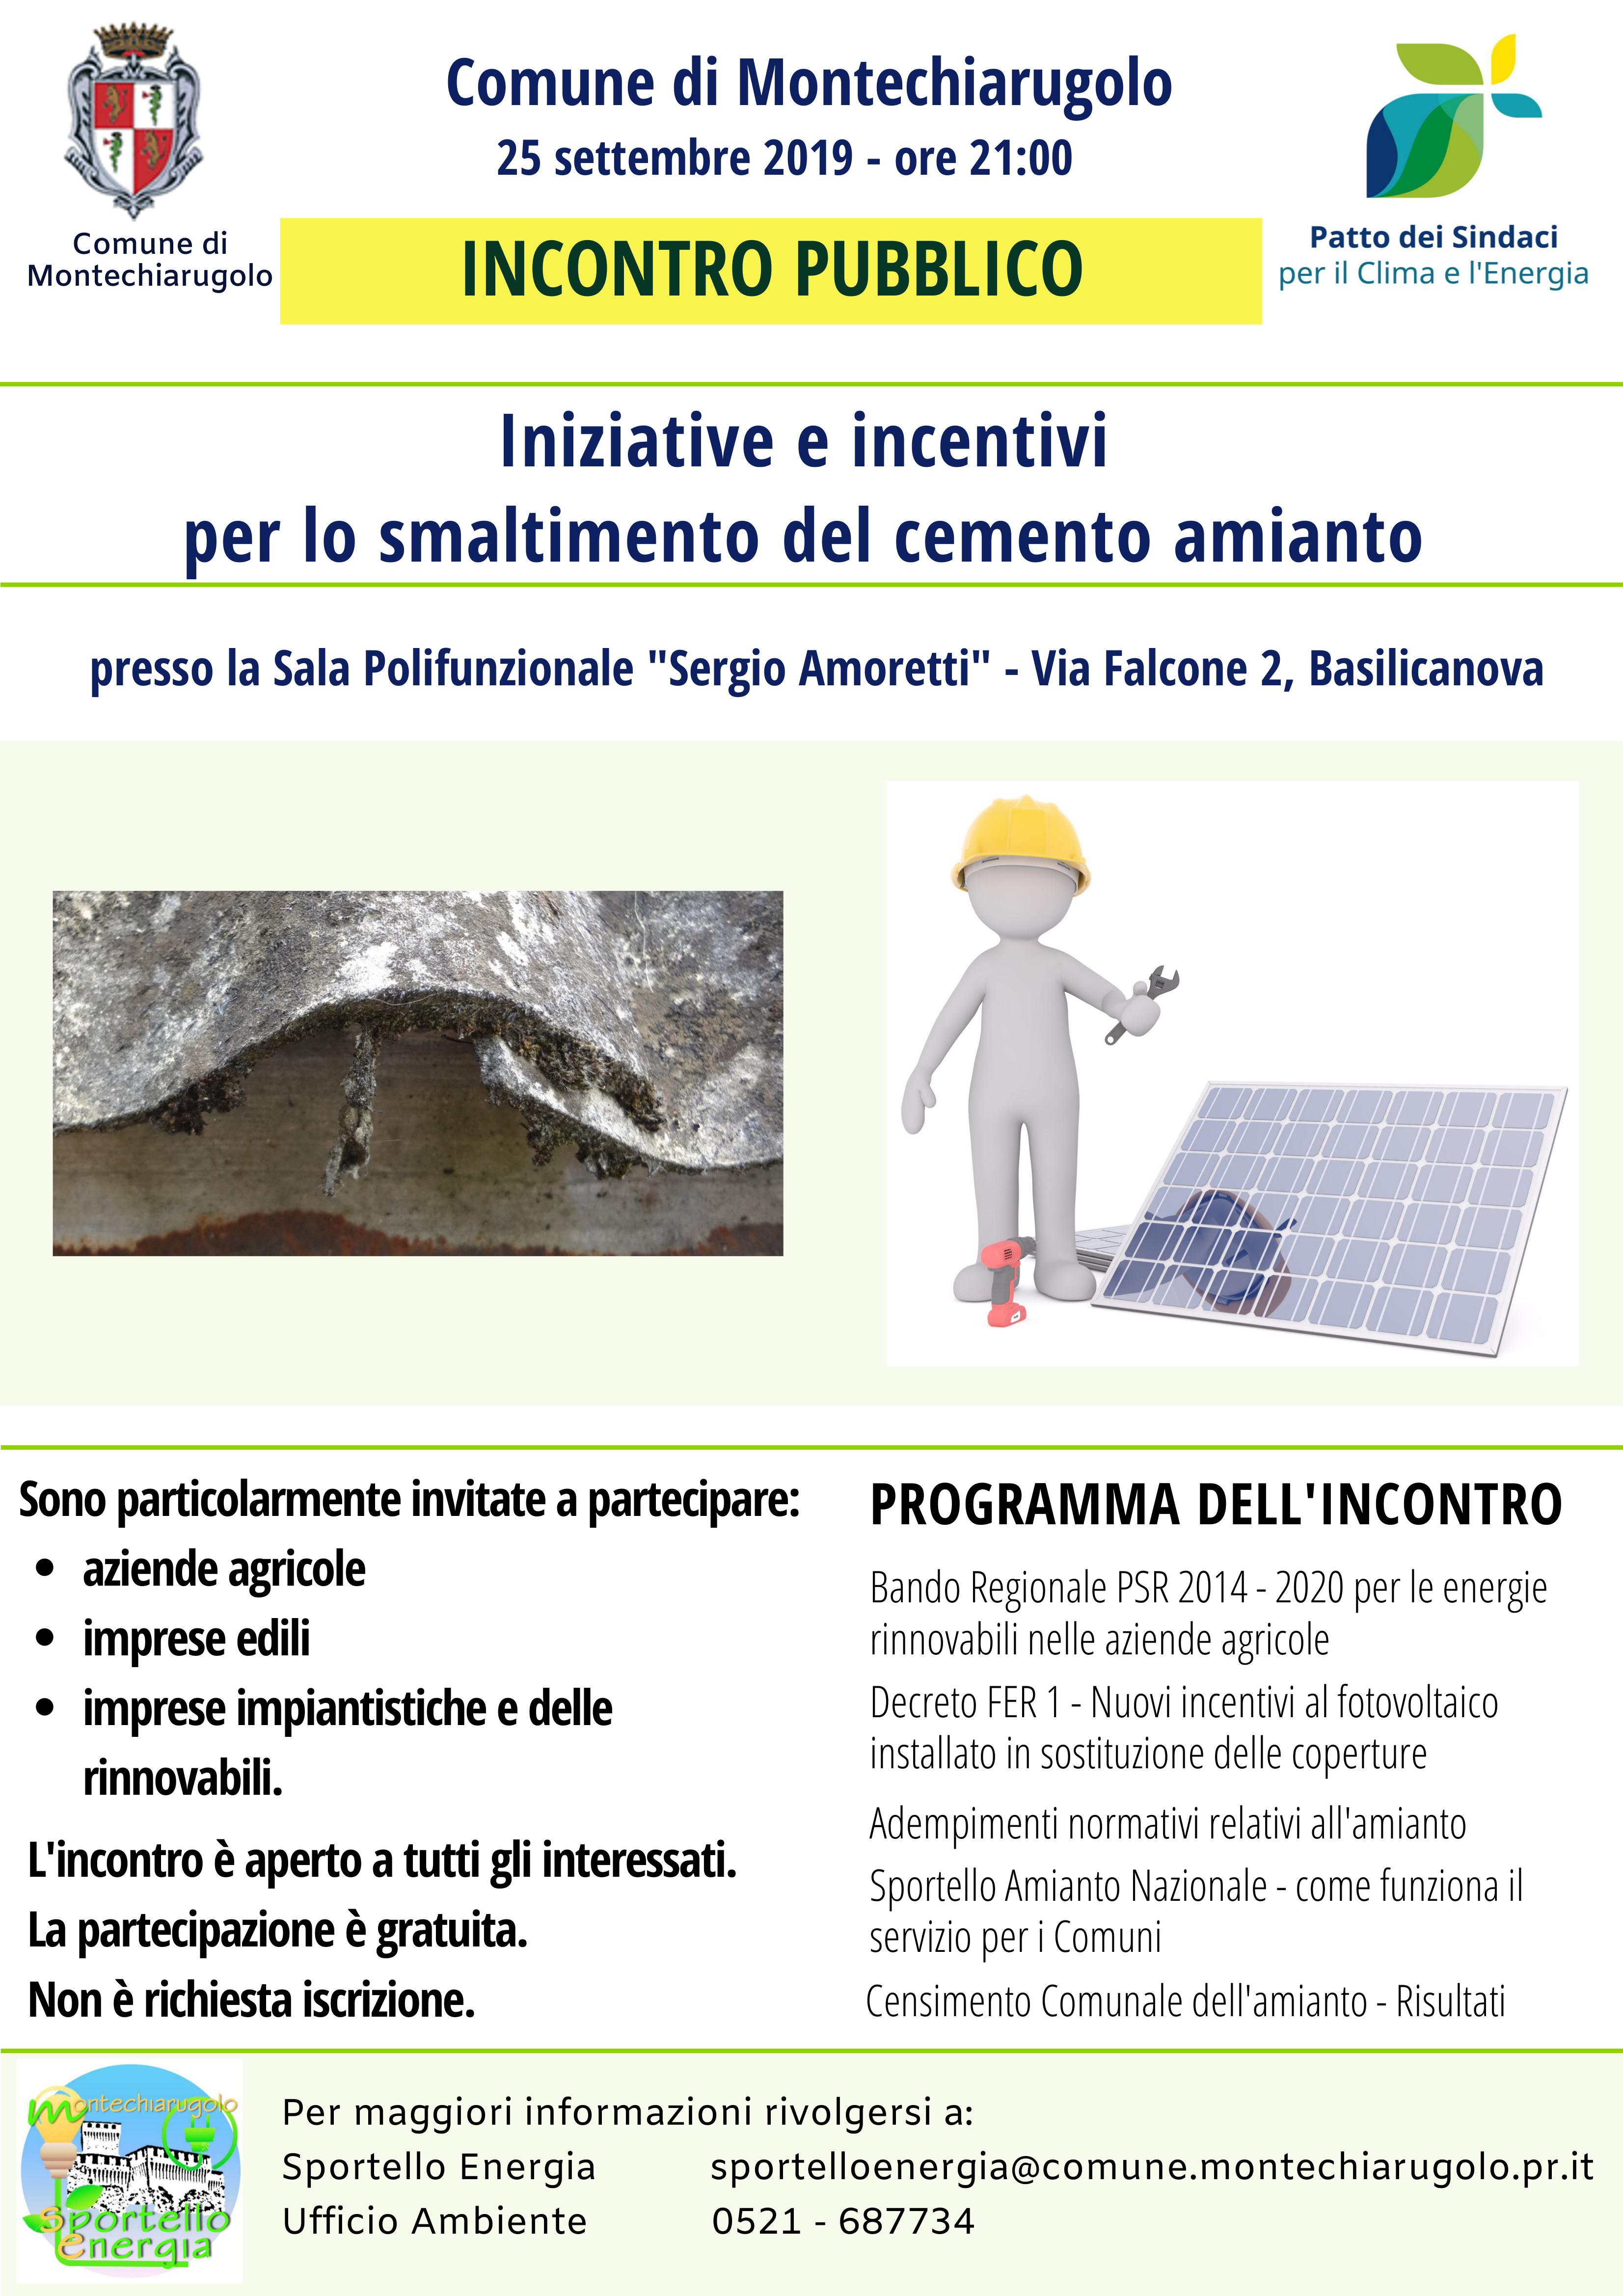 montechiarugolo-25-settembre-2019